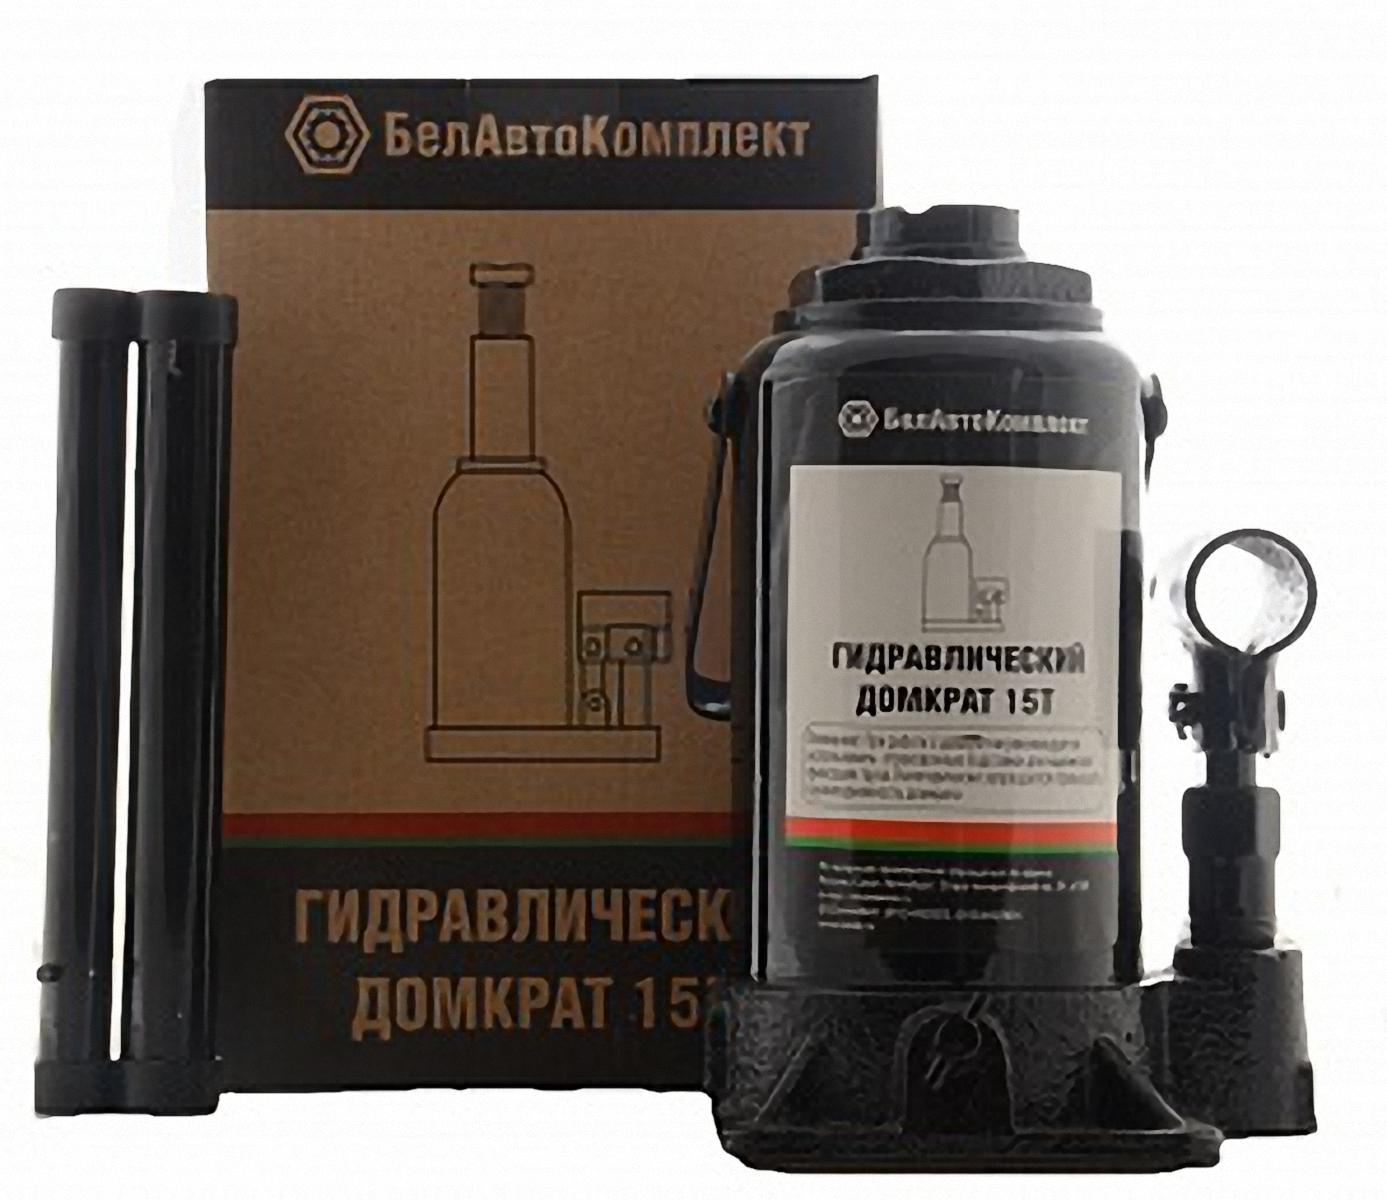 Домкрат бутылочный БелАвтоКомплект, 15 т